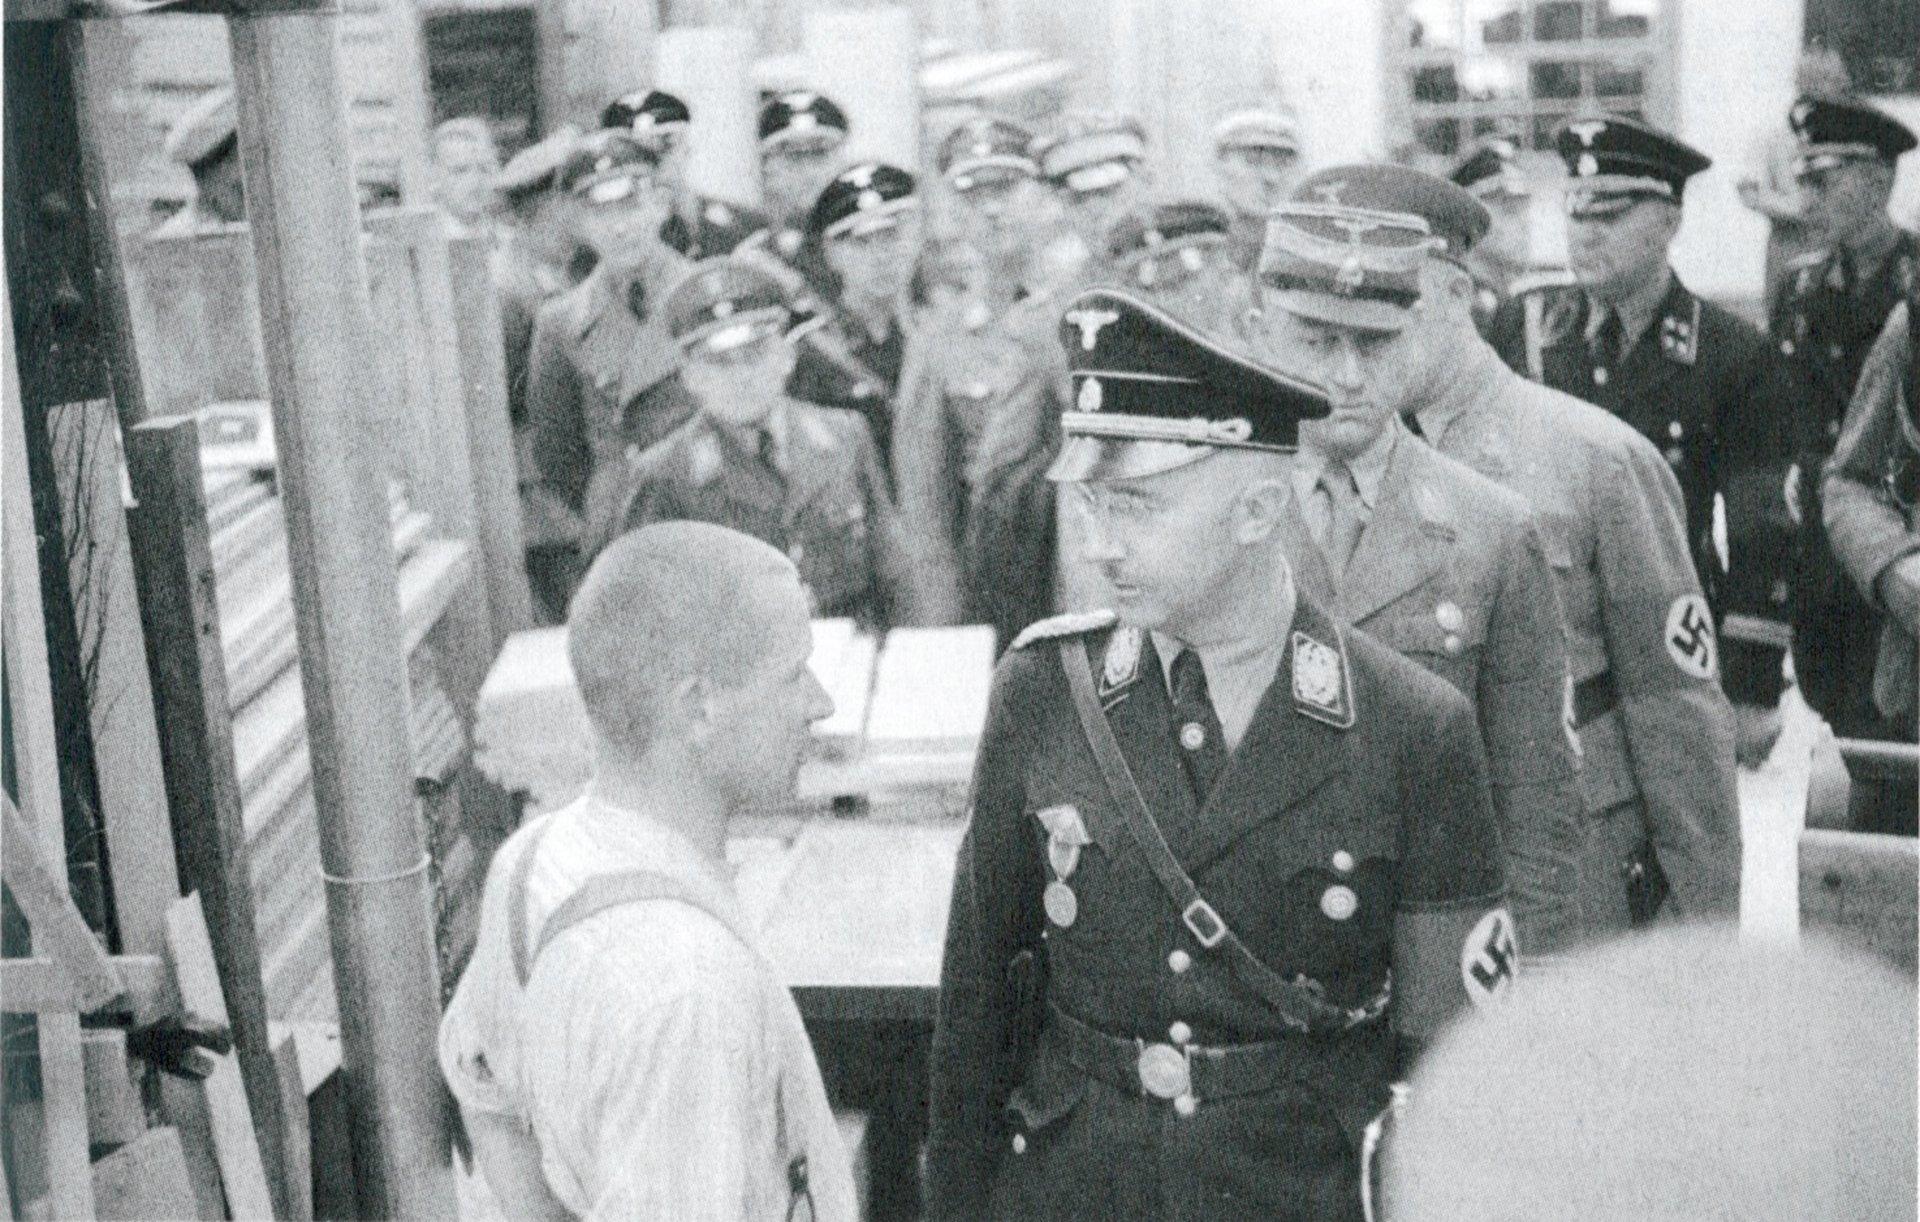 El jefe de la SS, Heirich Himmler recorre los talleres de Dachau durante una inspección oficial